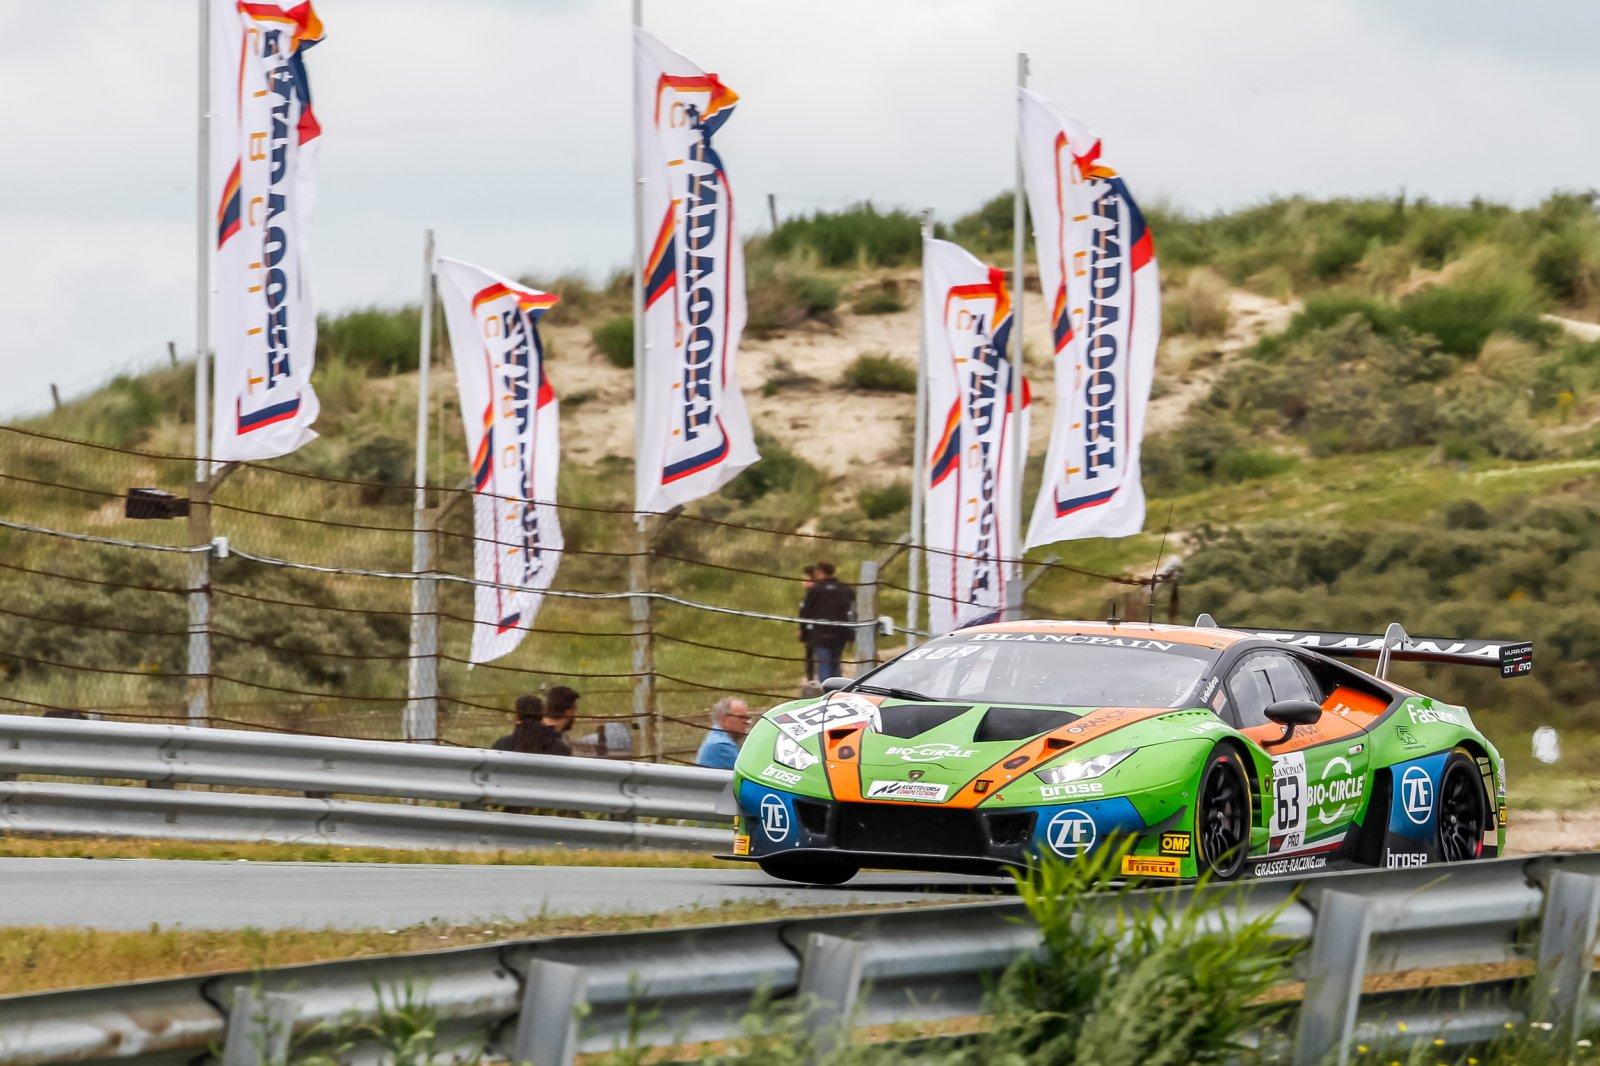 Grasser Racing appeal upheld, Zandvoort result stands